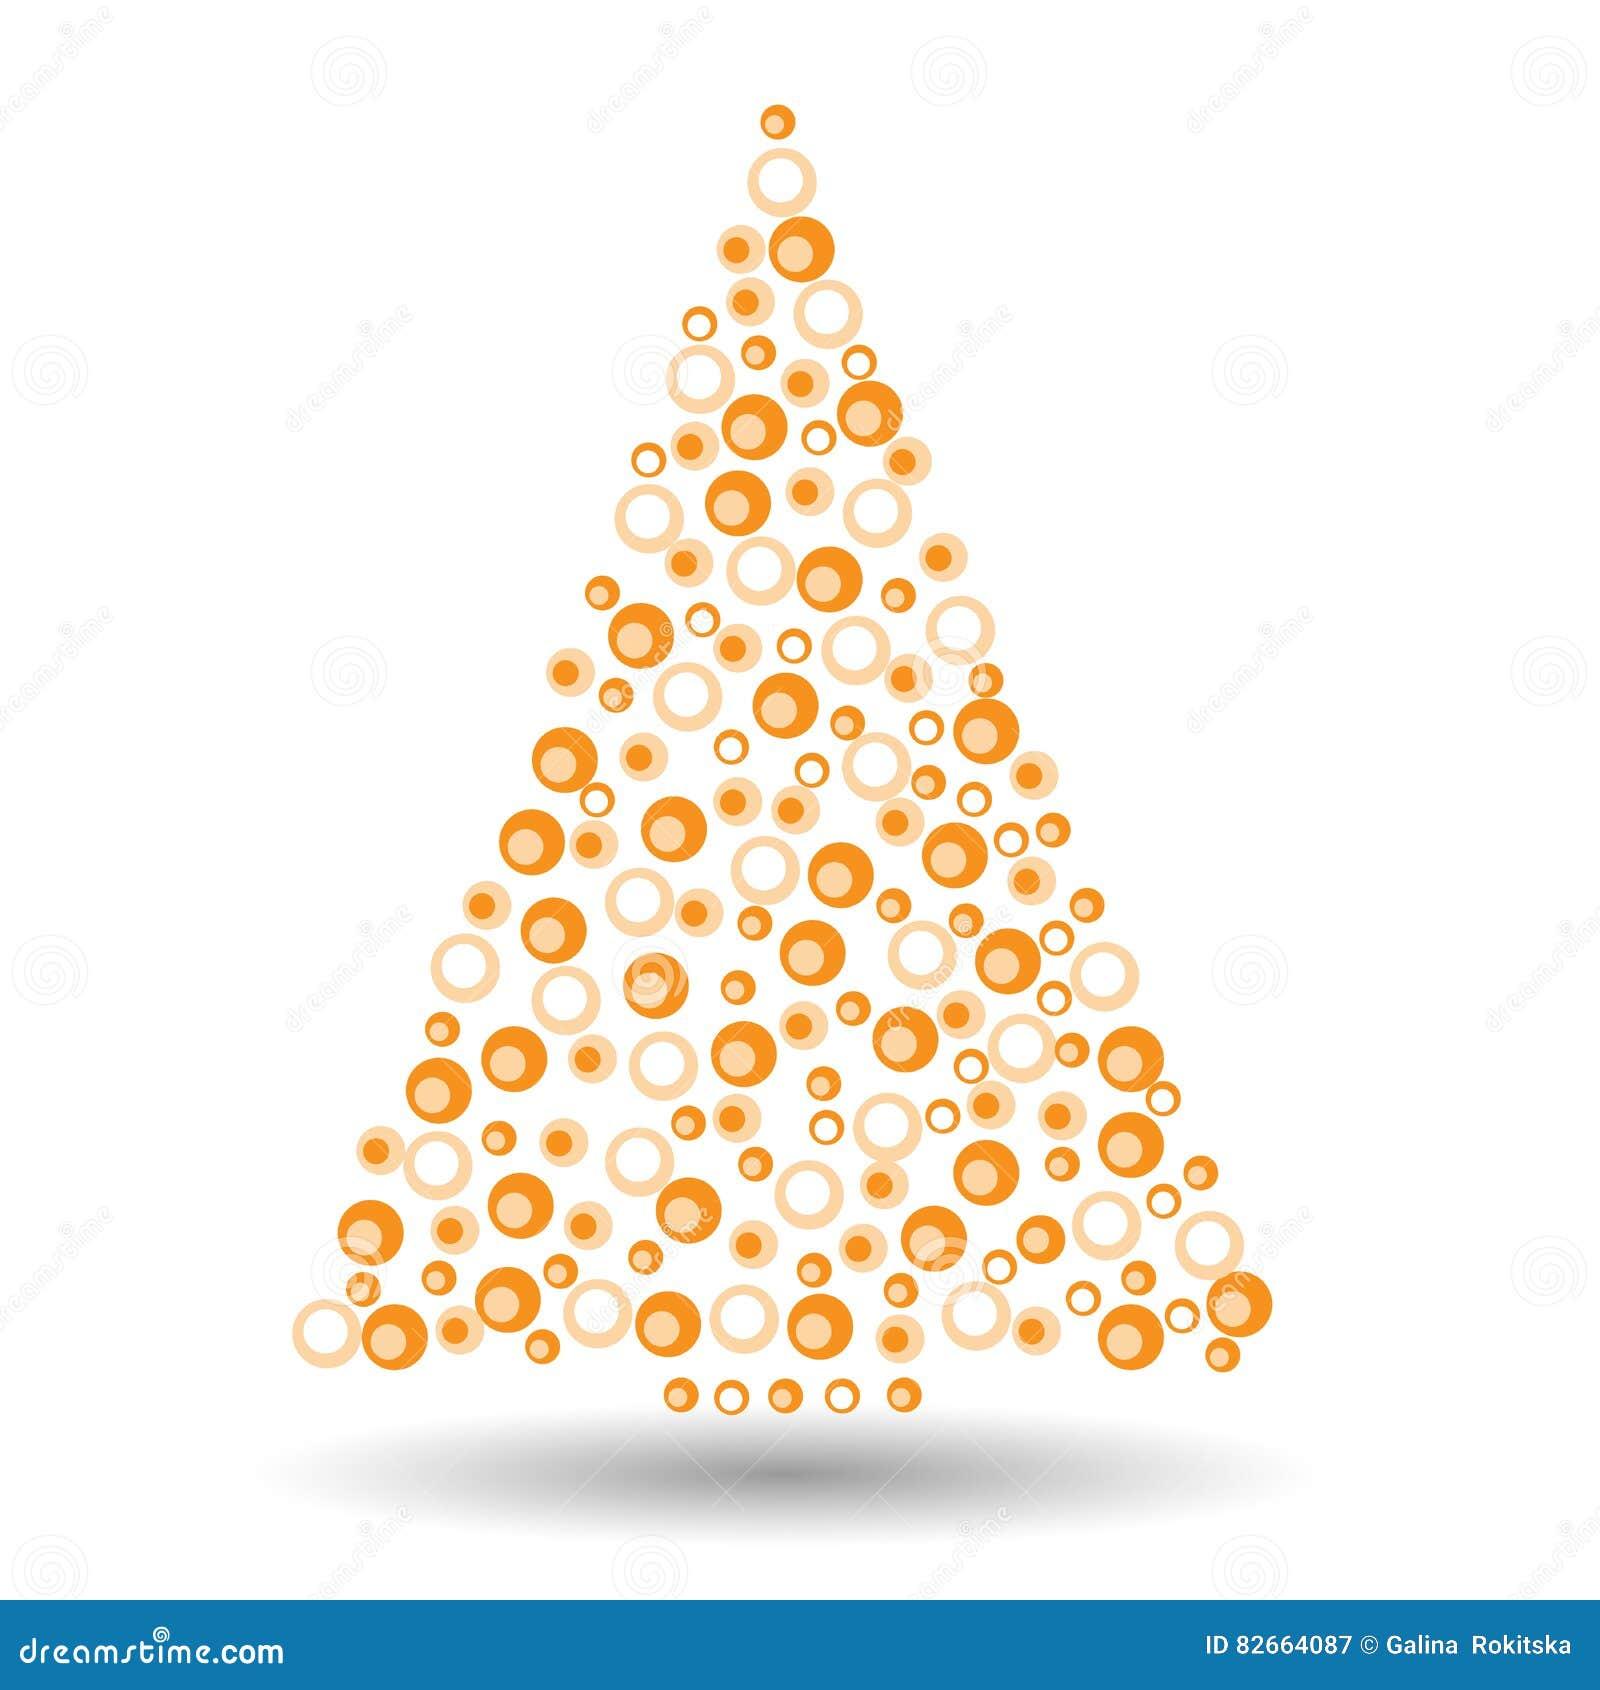 einfacher abstrakter weihnachtsbaum von kreisen orange und. Black Bedroom Furniture Sets. Home Design Ideas